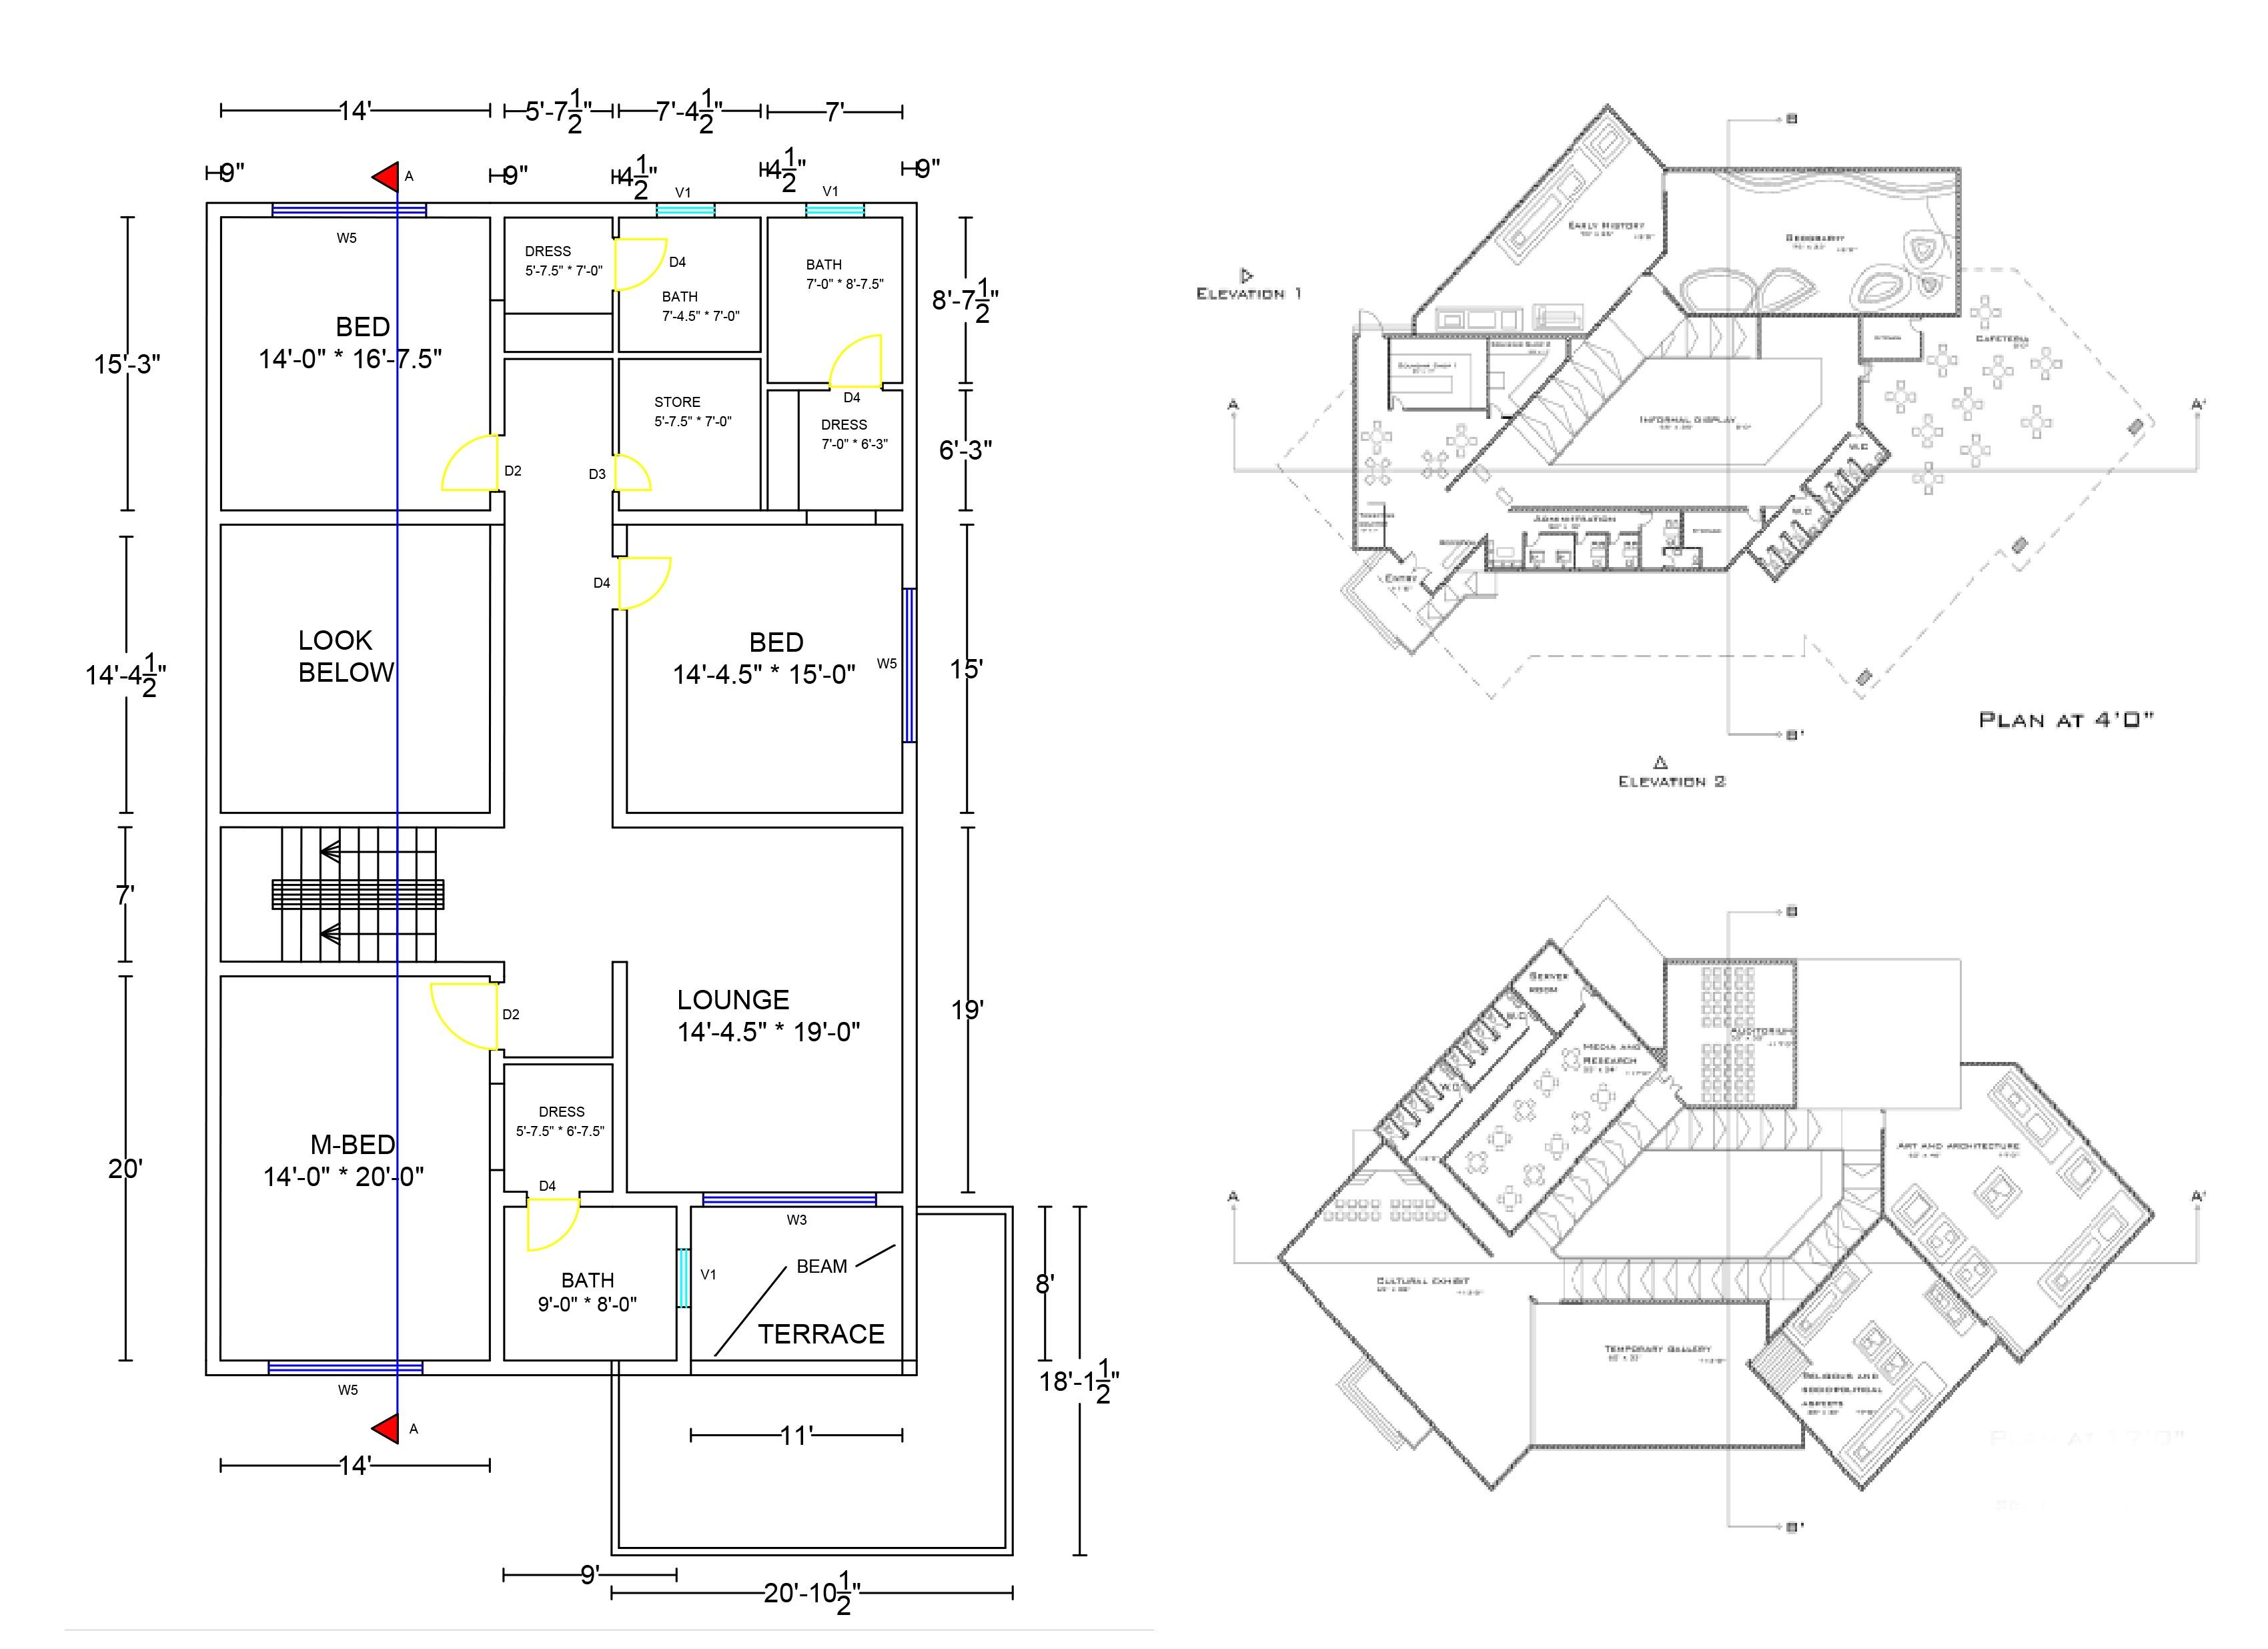 Architecture Plans Sections Blueprints 2d 3d By Autocad